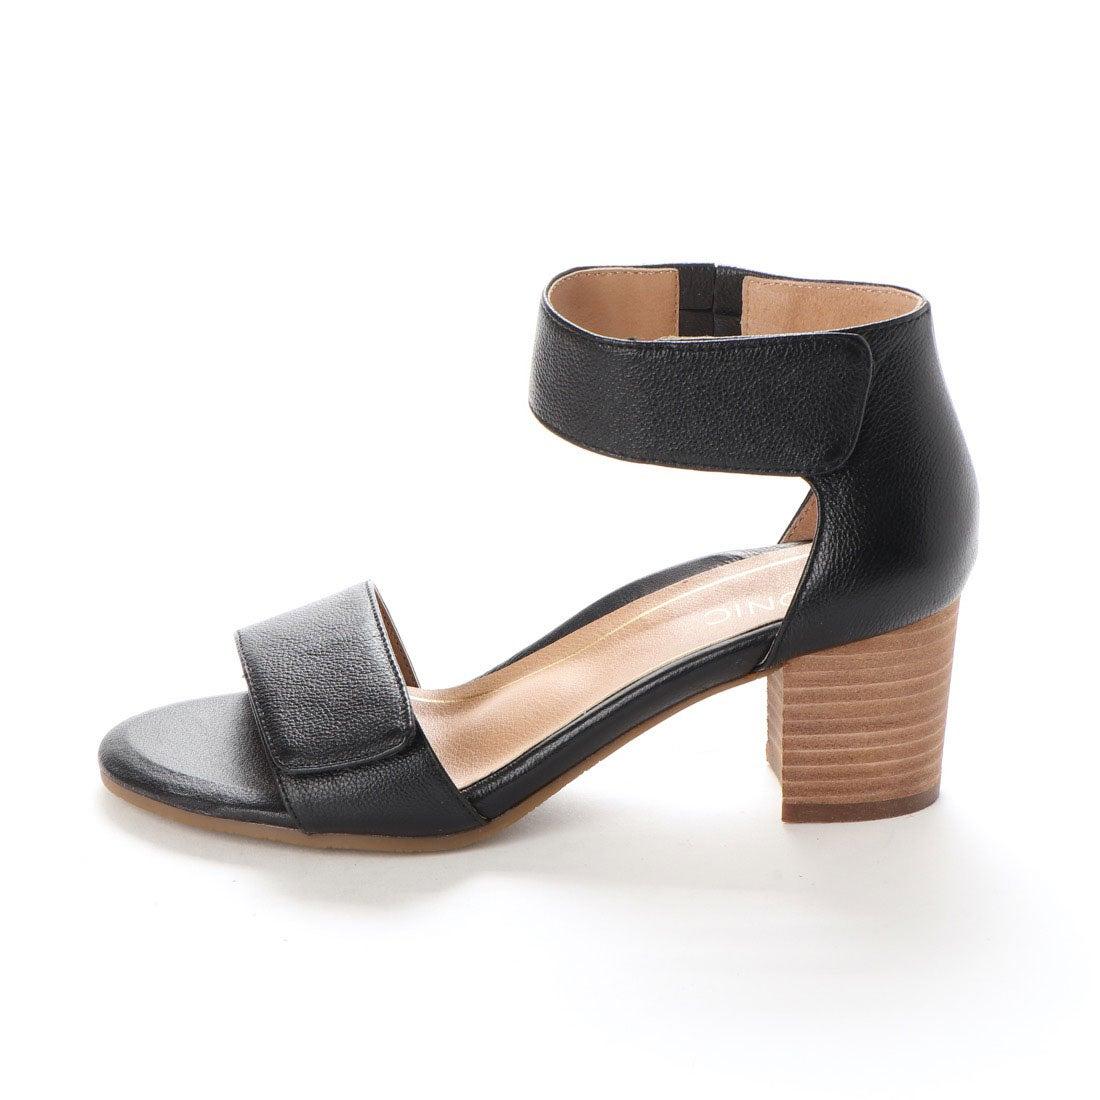 バイオニック VIONIC SOLANA (BLACK) -靴&ファ